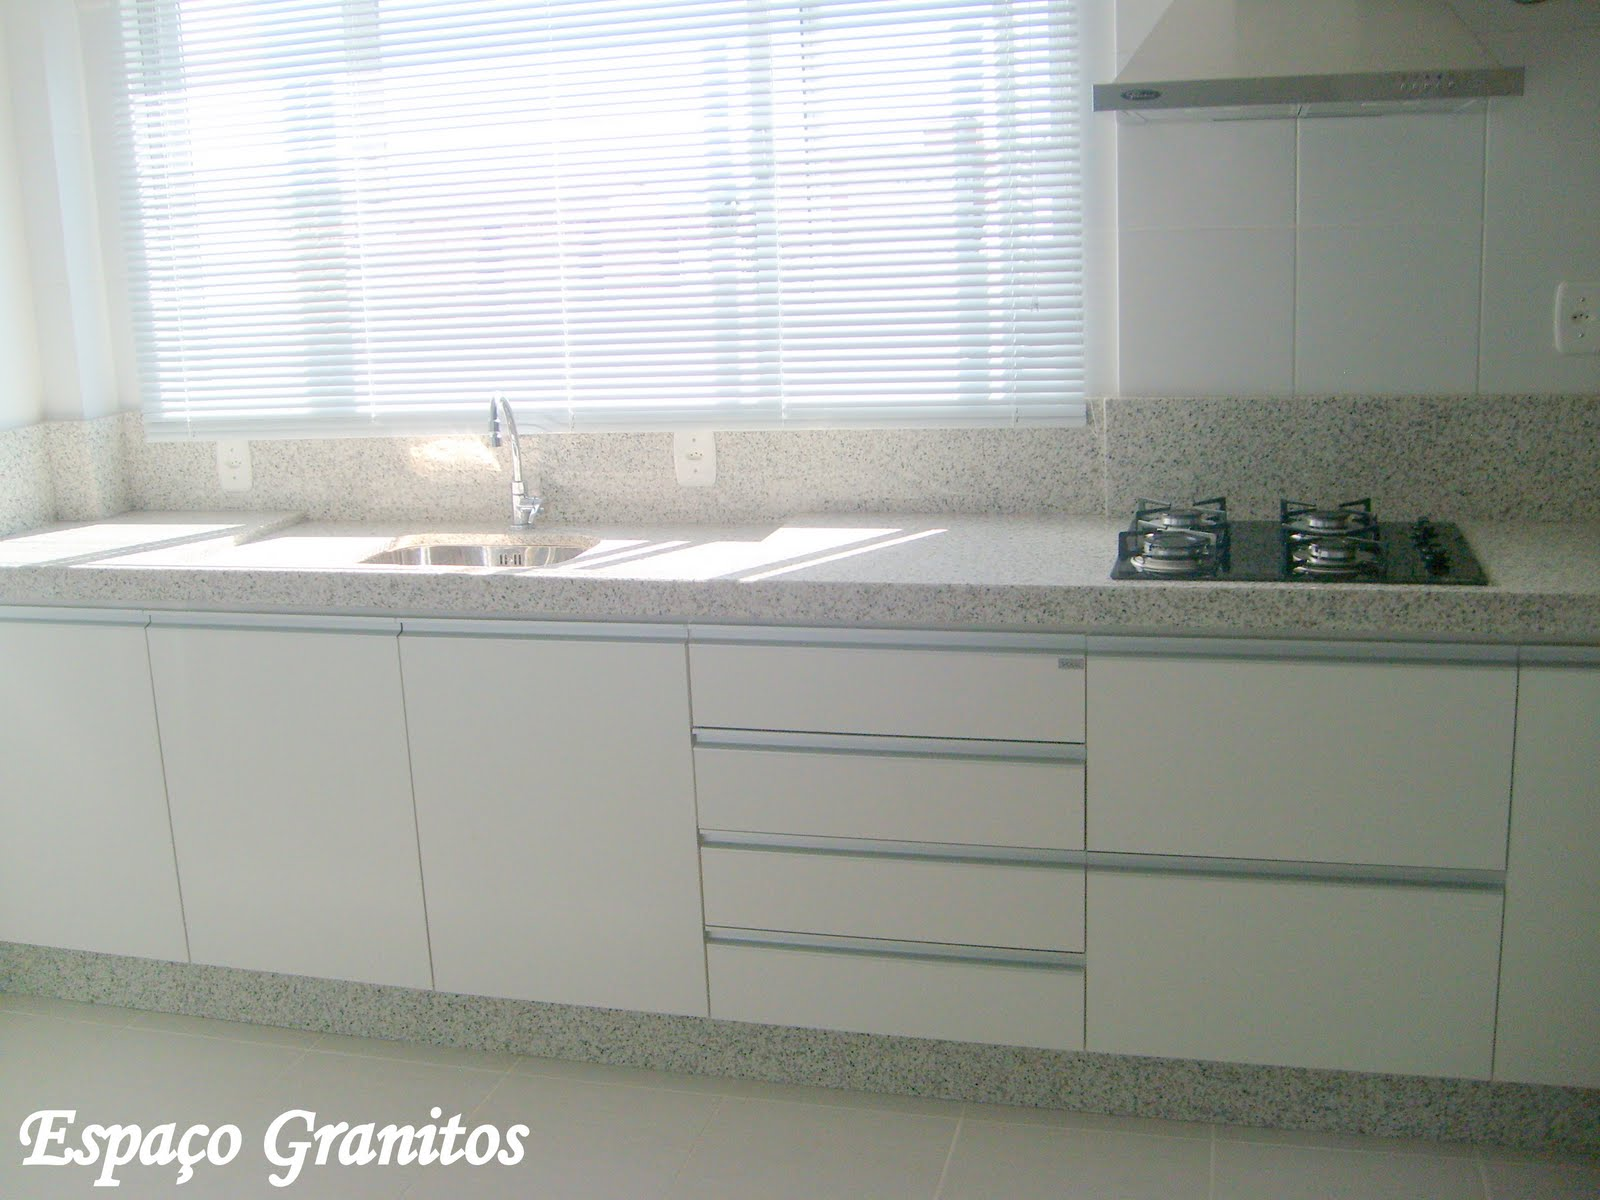 Granitos e Mármores: Cozinhas em Granito #5A5E50 1600x1200 Banheiro Com Granito Ornamental